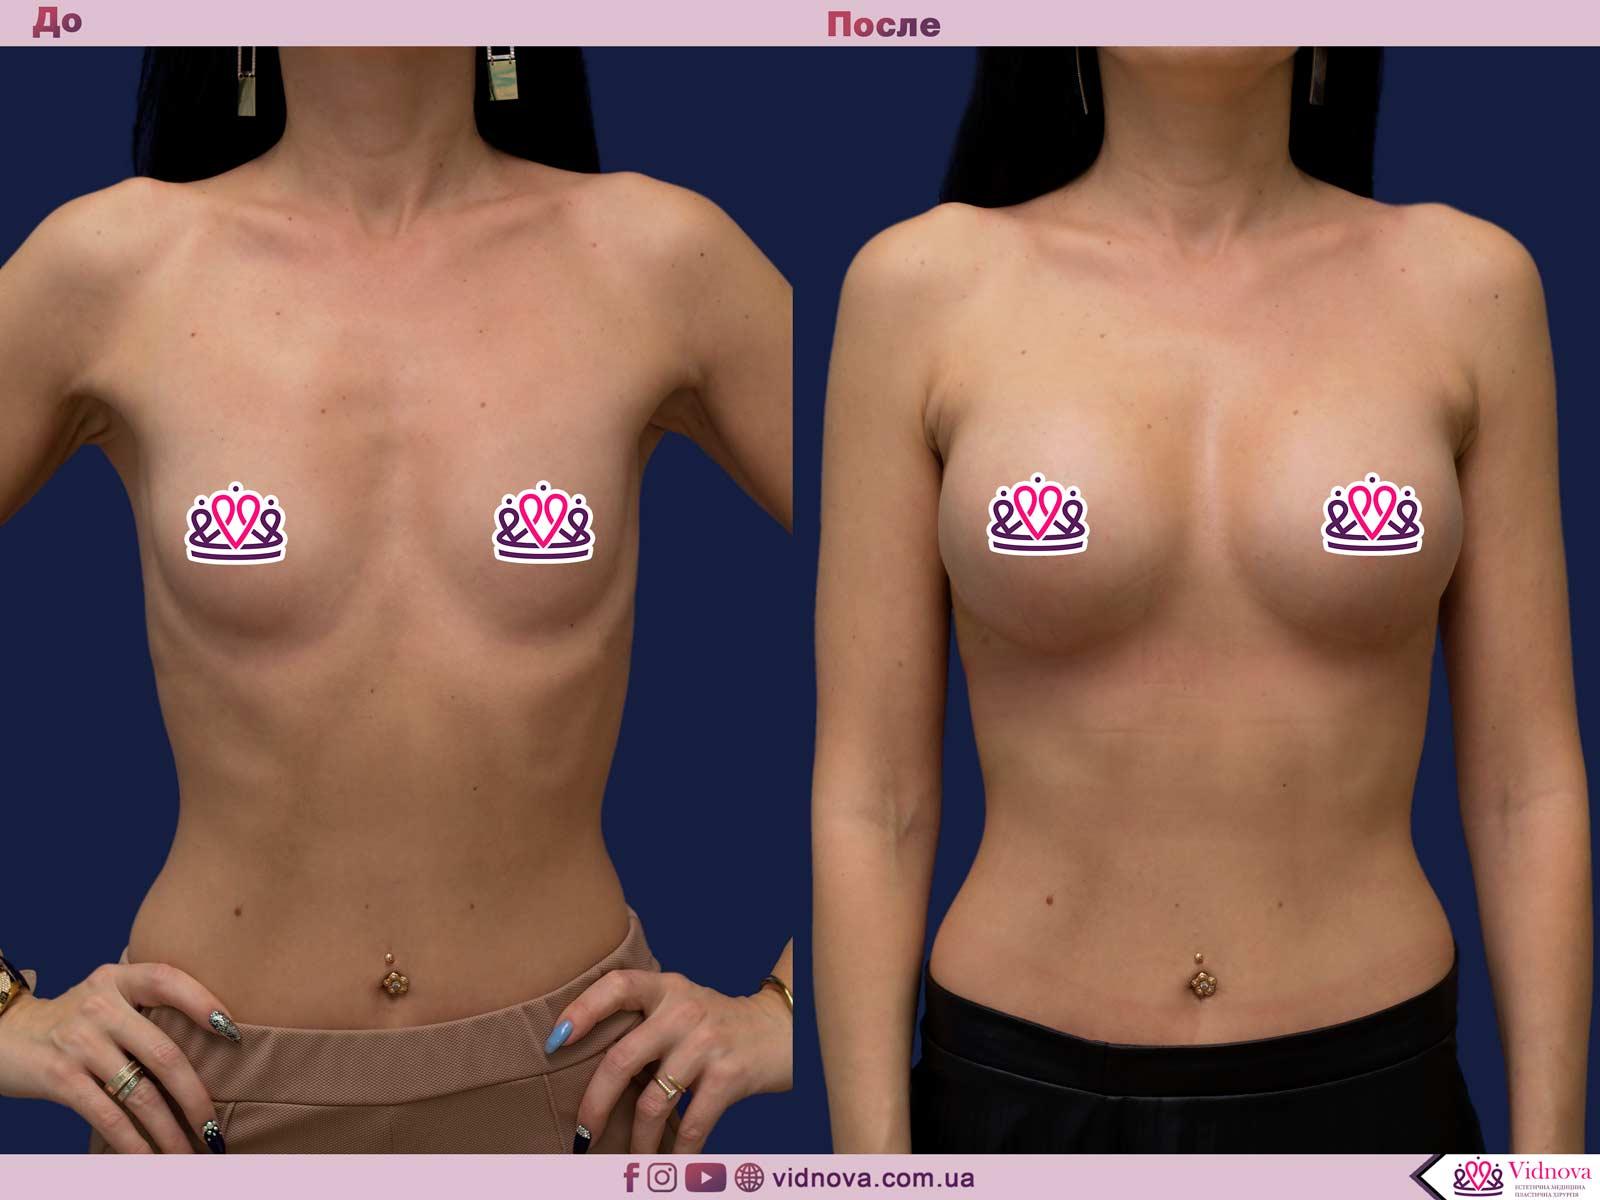 Пластика груди: результаты до и после - Пример №16-0 - Светлана Работенко